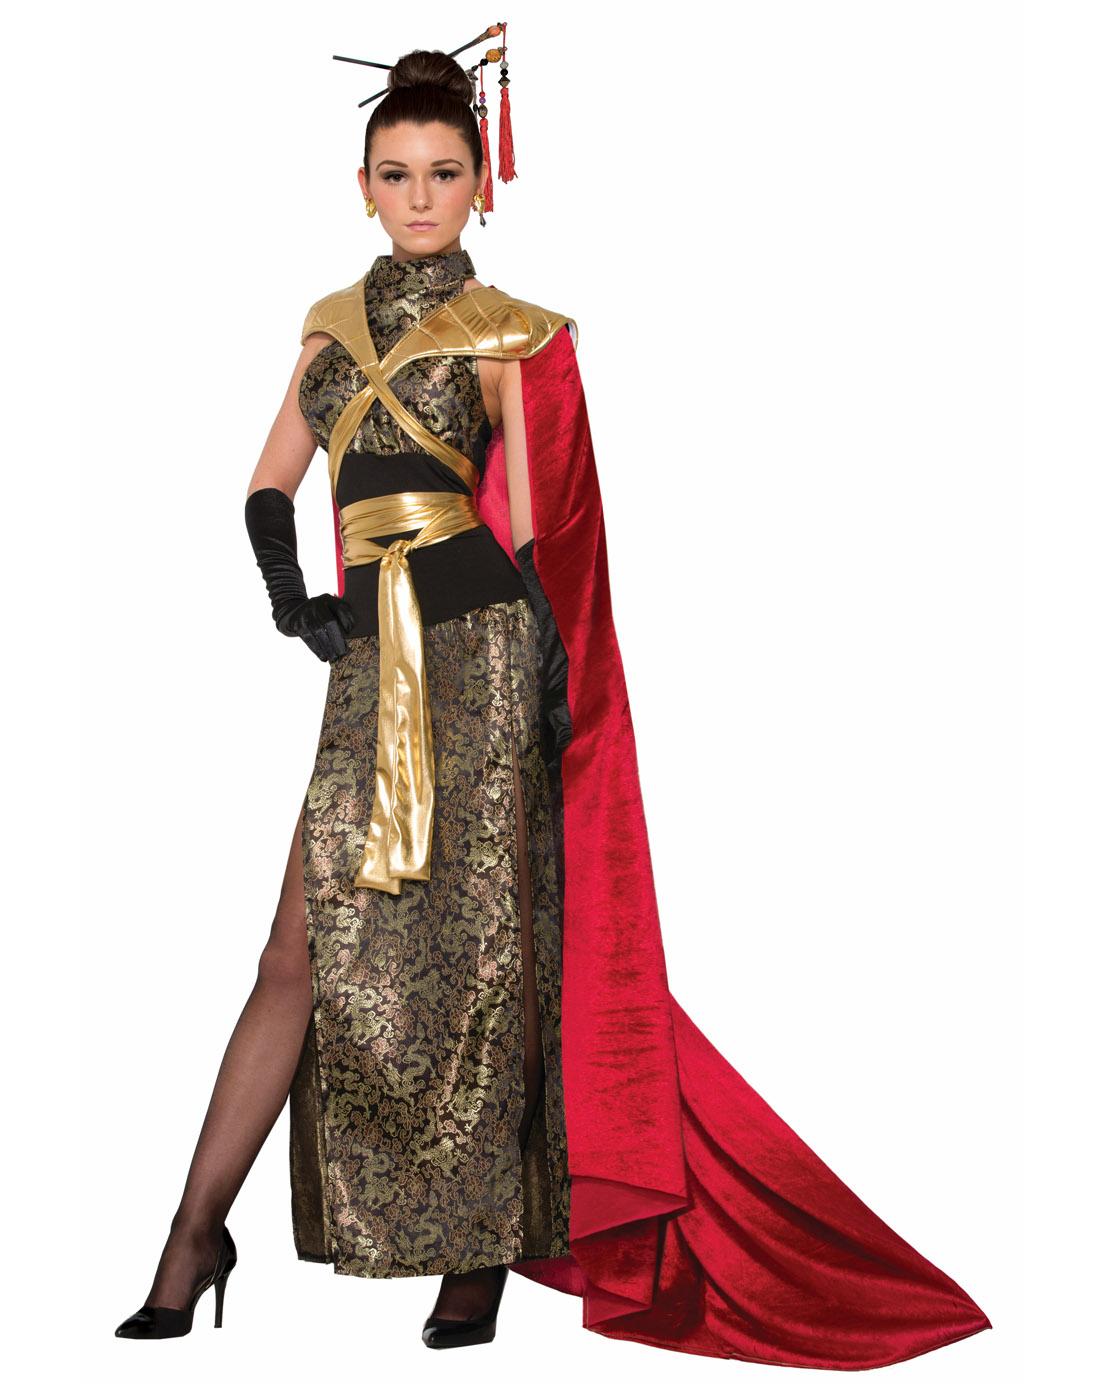 b2d33e72a66 Details about Dragon Empress Womens Adult Queen Ruler Halloween Costume-Std